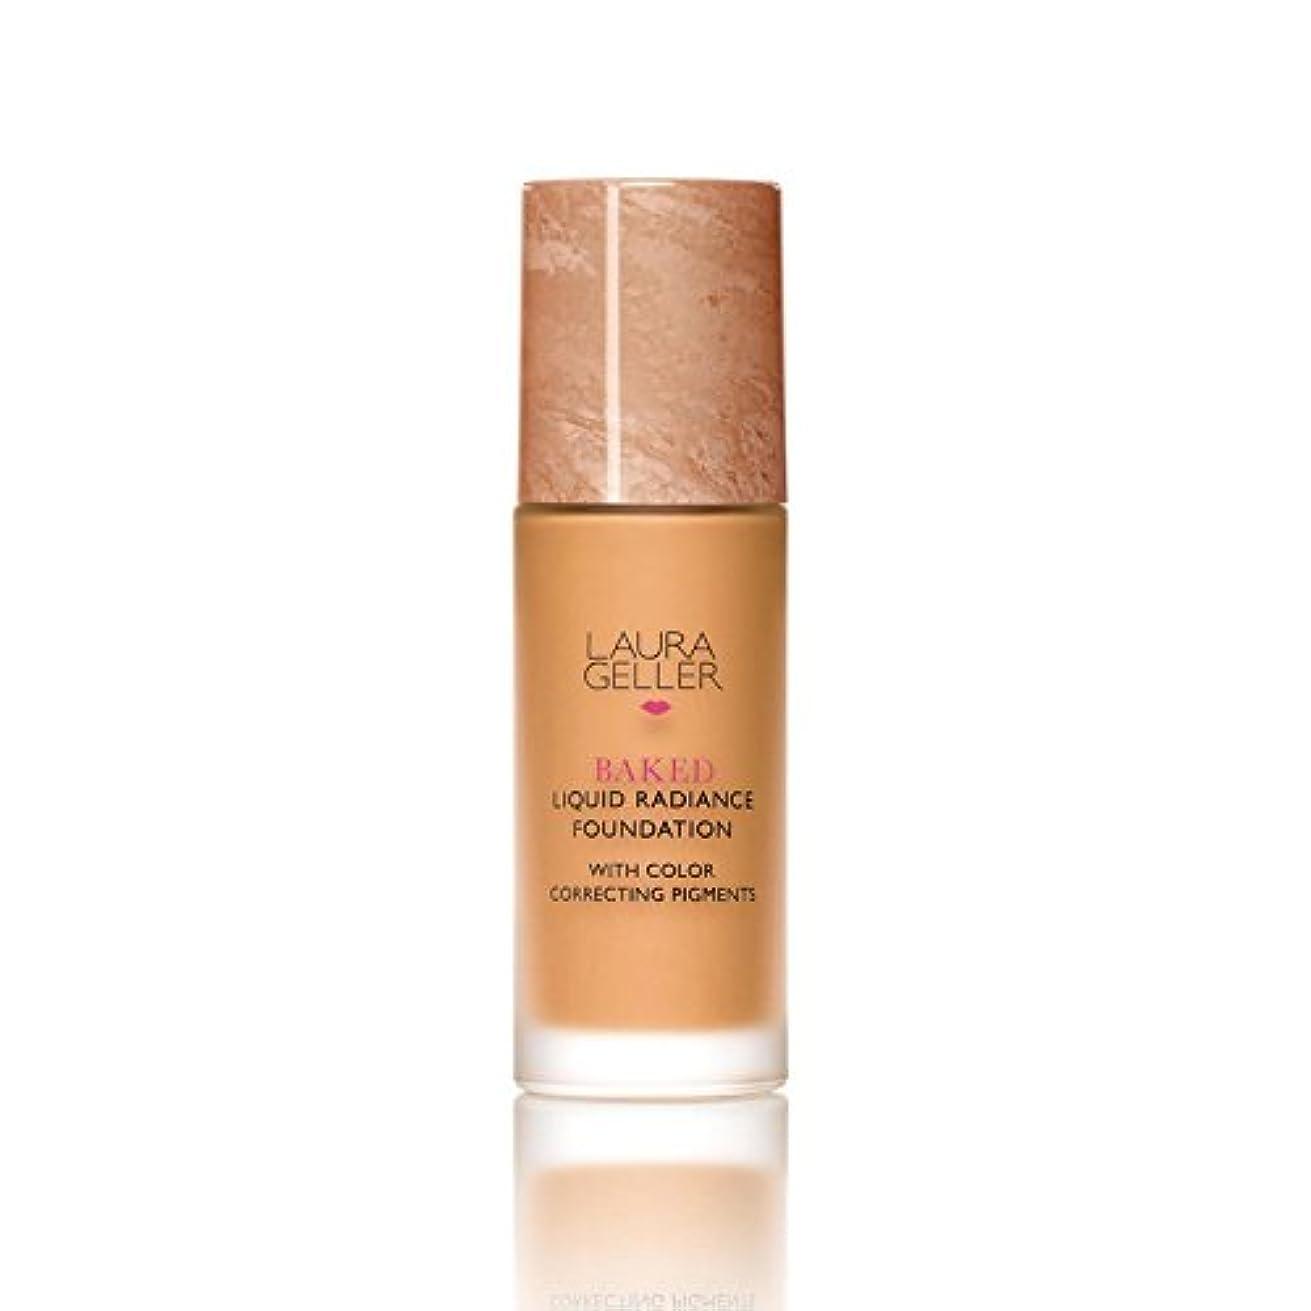 意見ガス義務ローラ?ゲラーニューヨーク焼いた液体放射輝度基盤日焼け x2 - Laura Geller New York Baked Liquid Radiance Foundation Tan (Pack of 2) [並行輸入品]